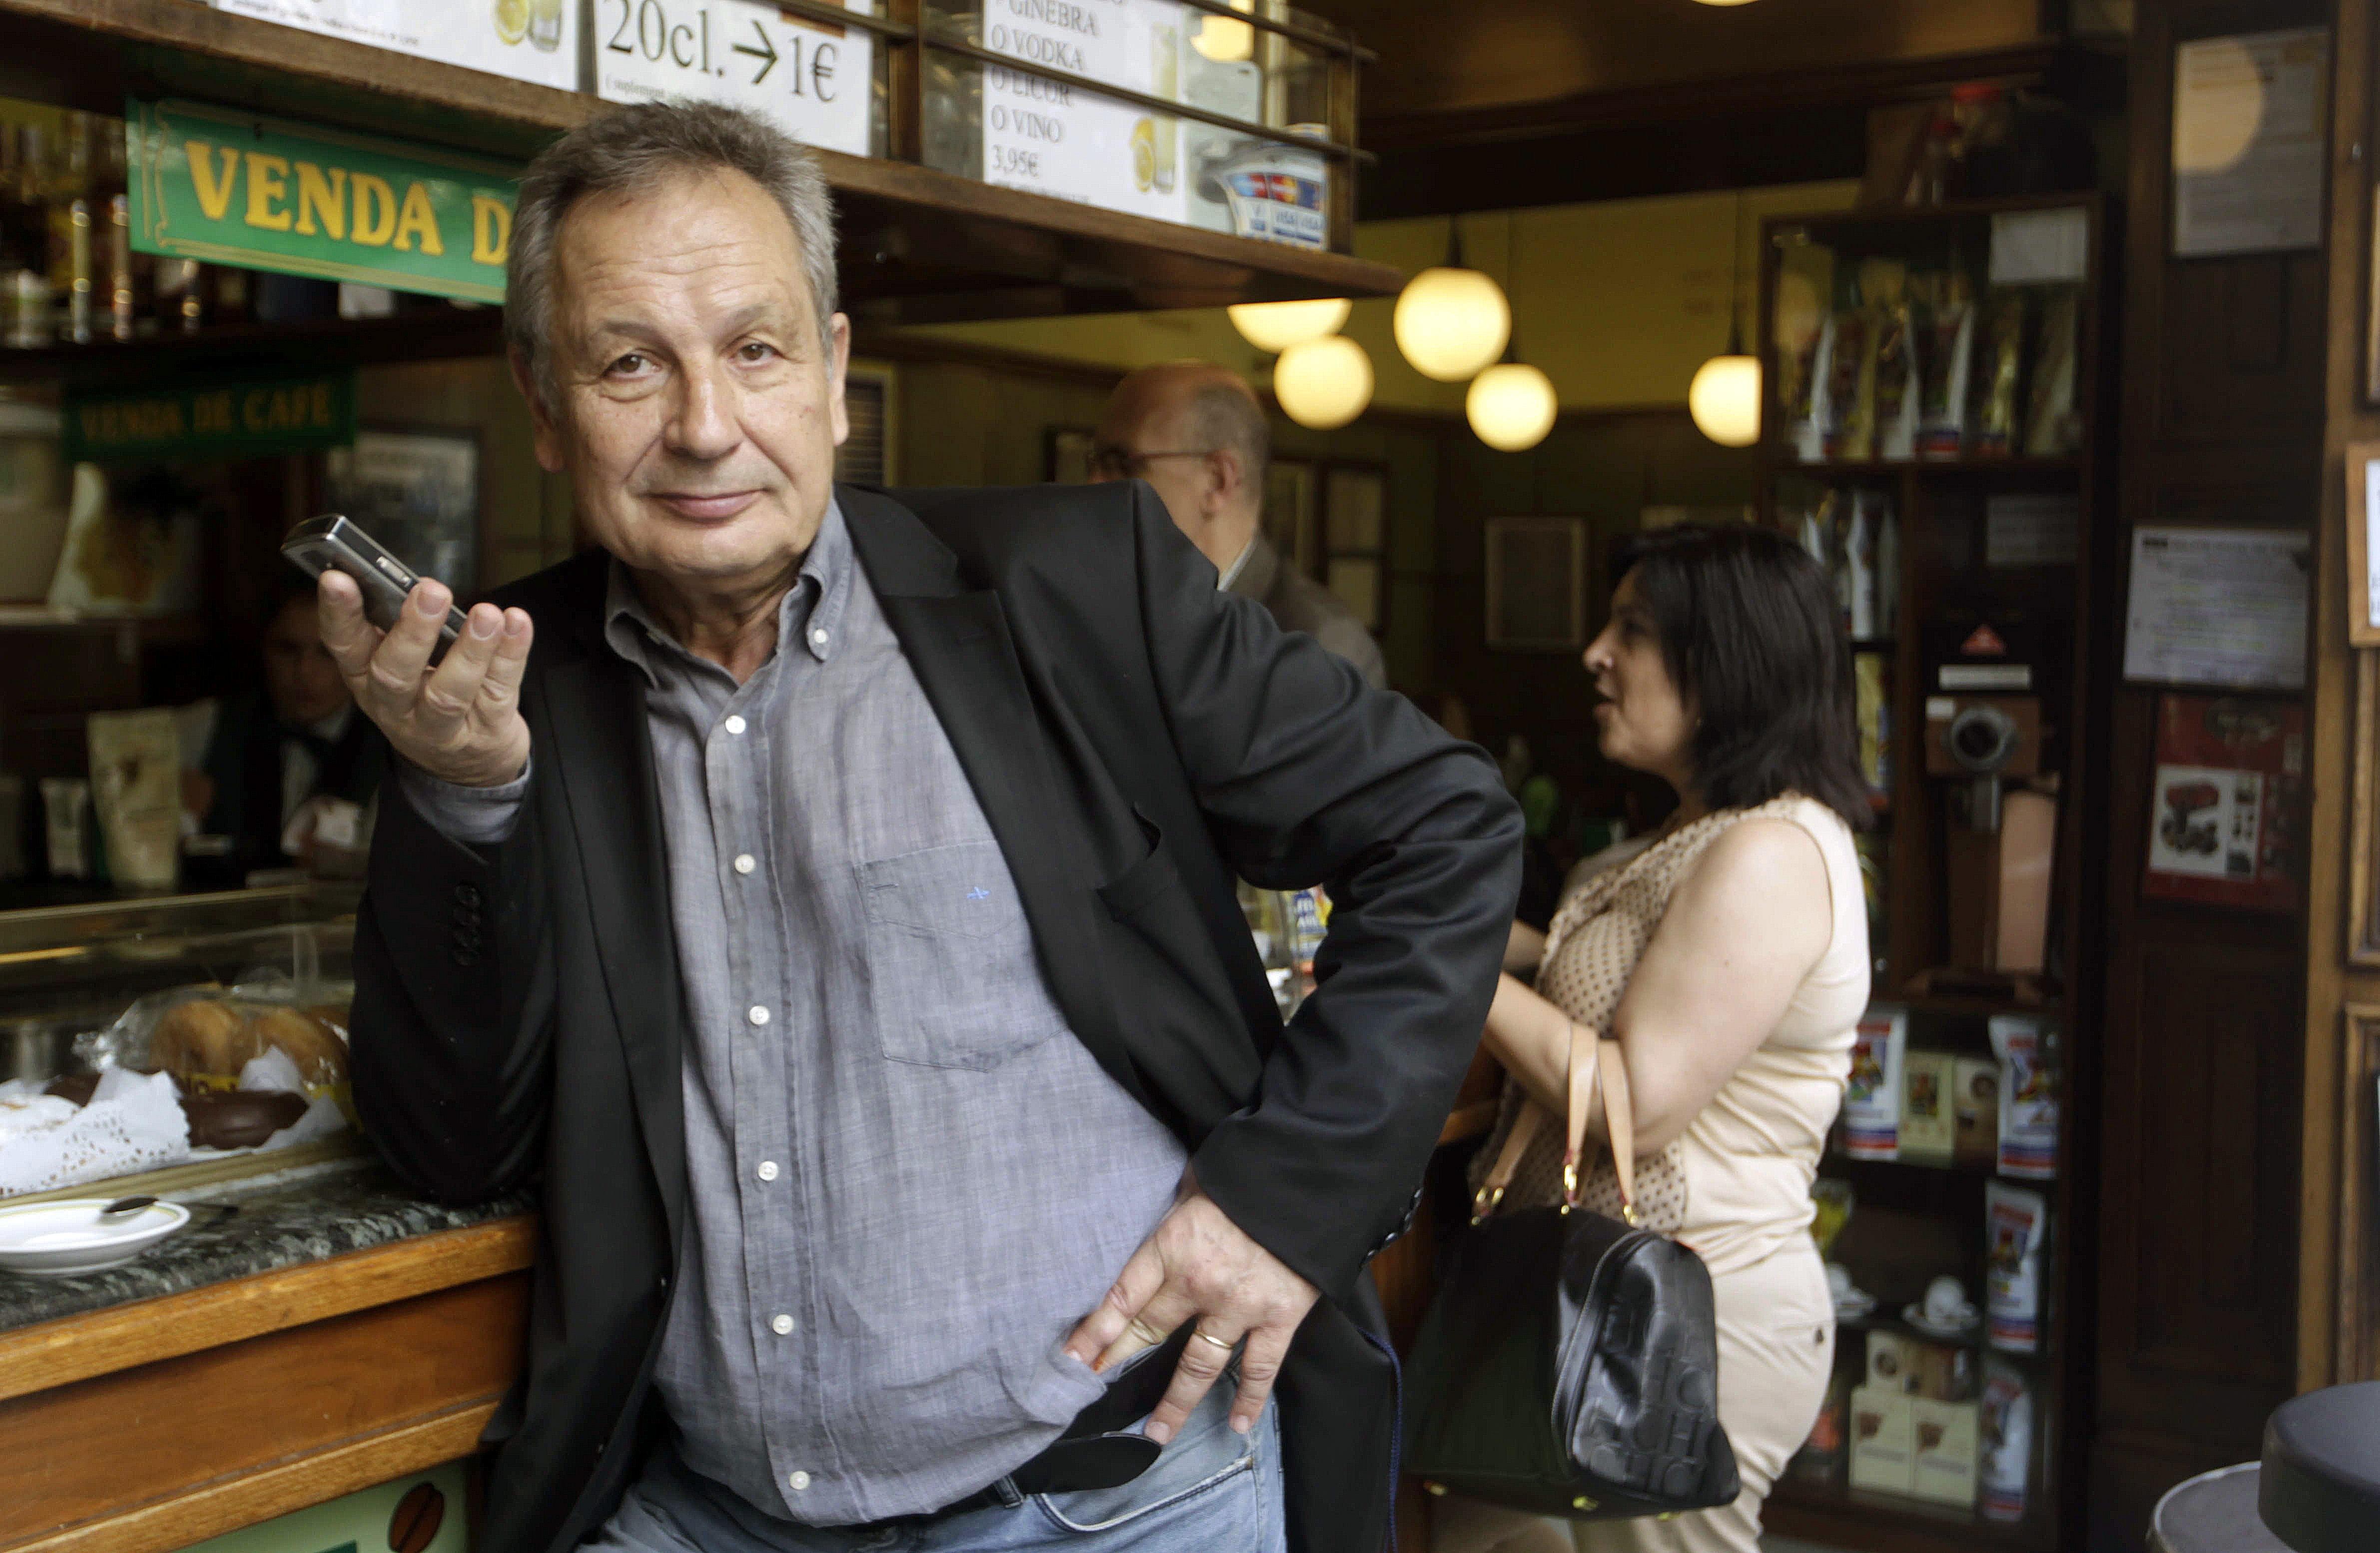 Xavier Vidal-Folch dice que «ningún país se ha construido desde la exclusión de una parte»